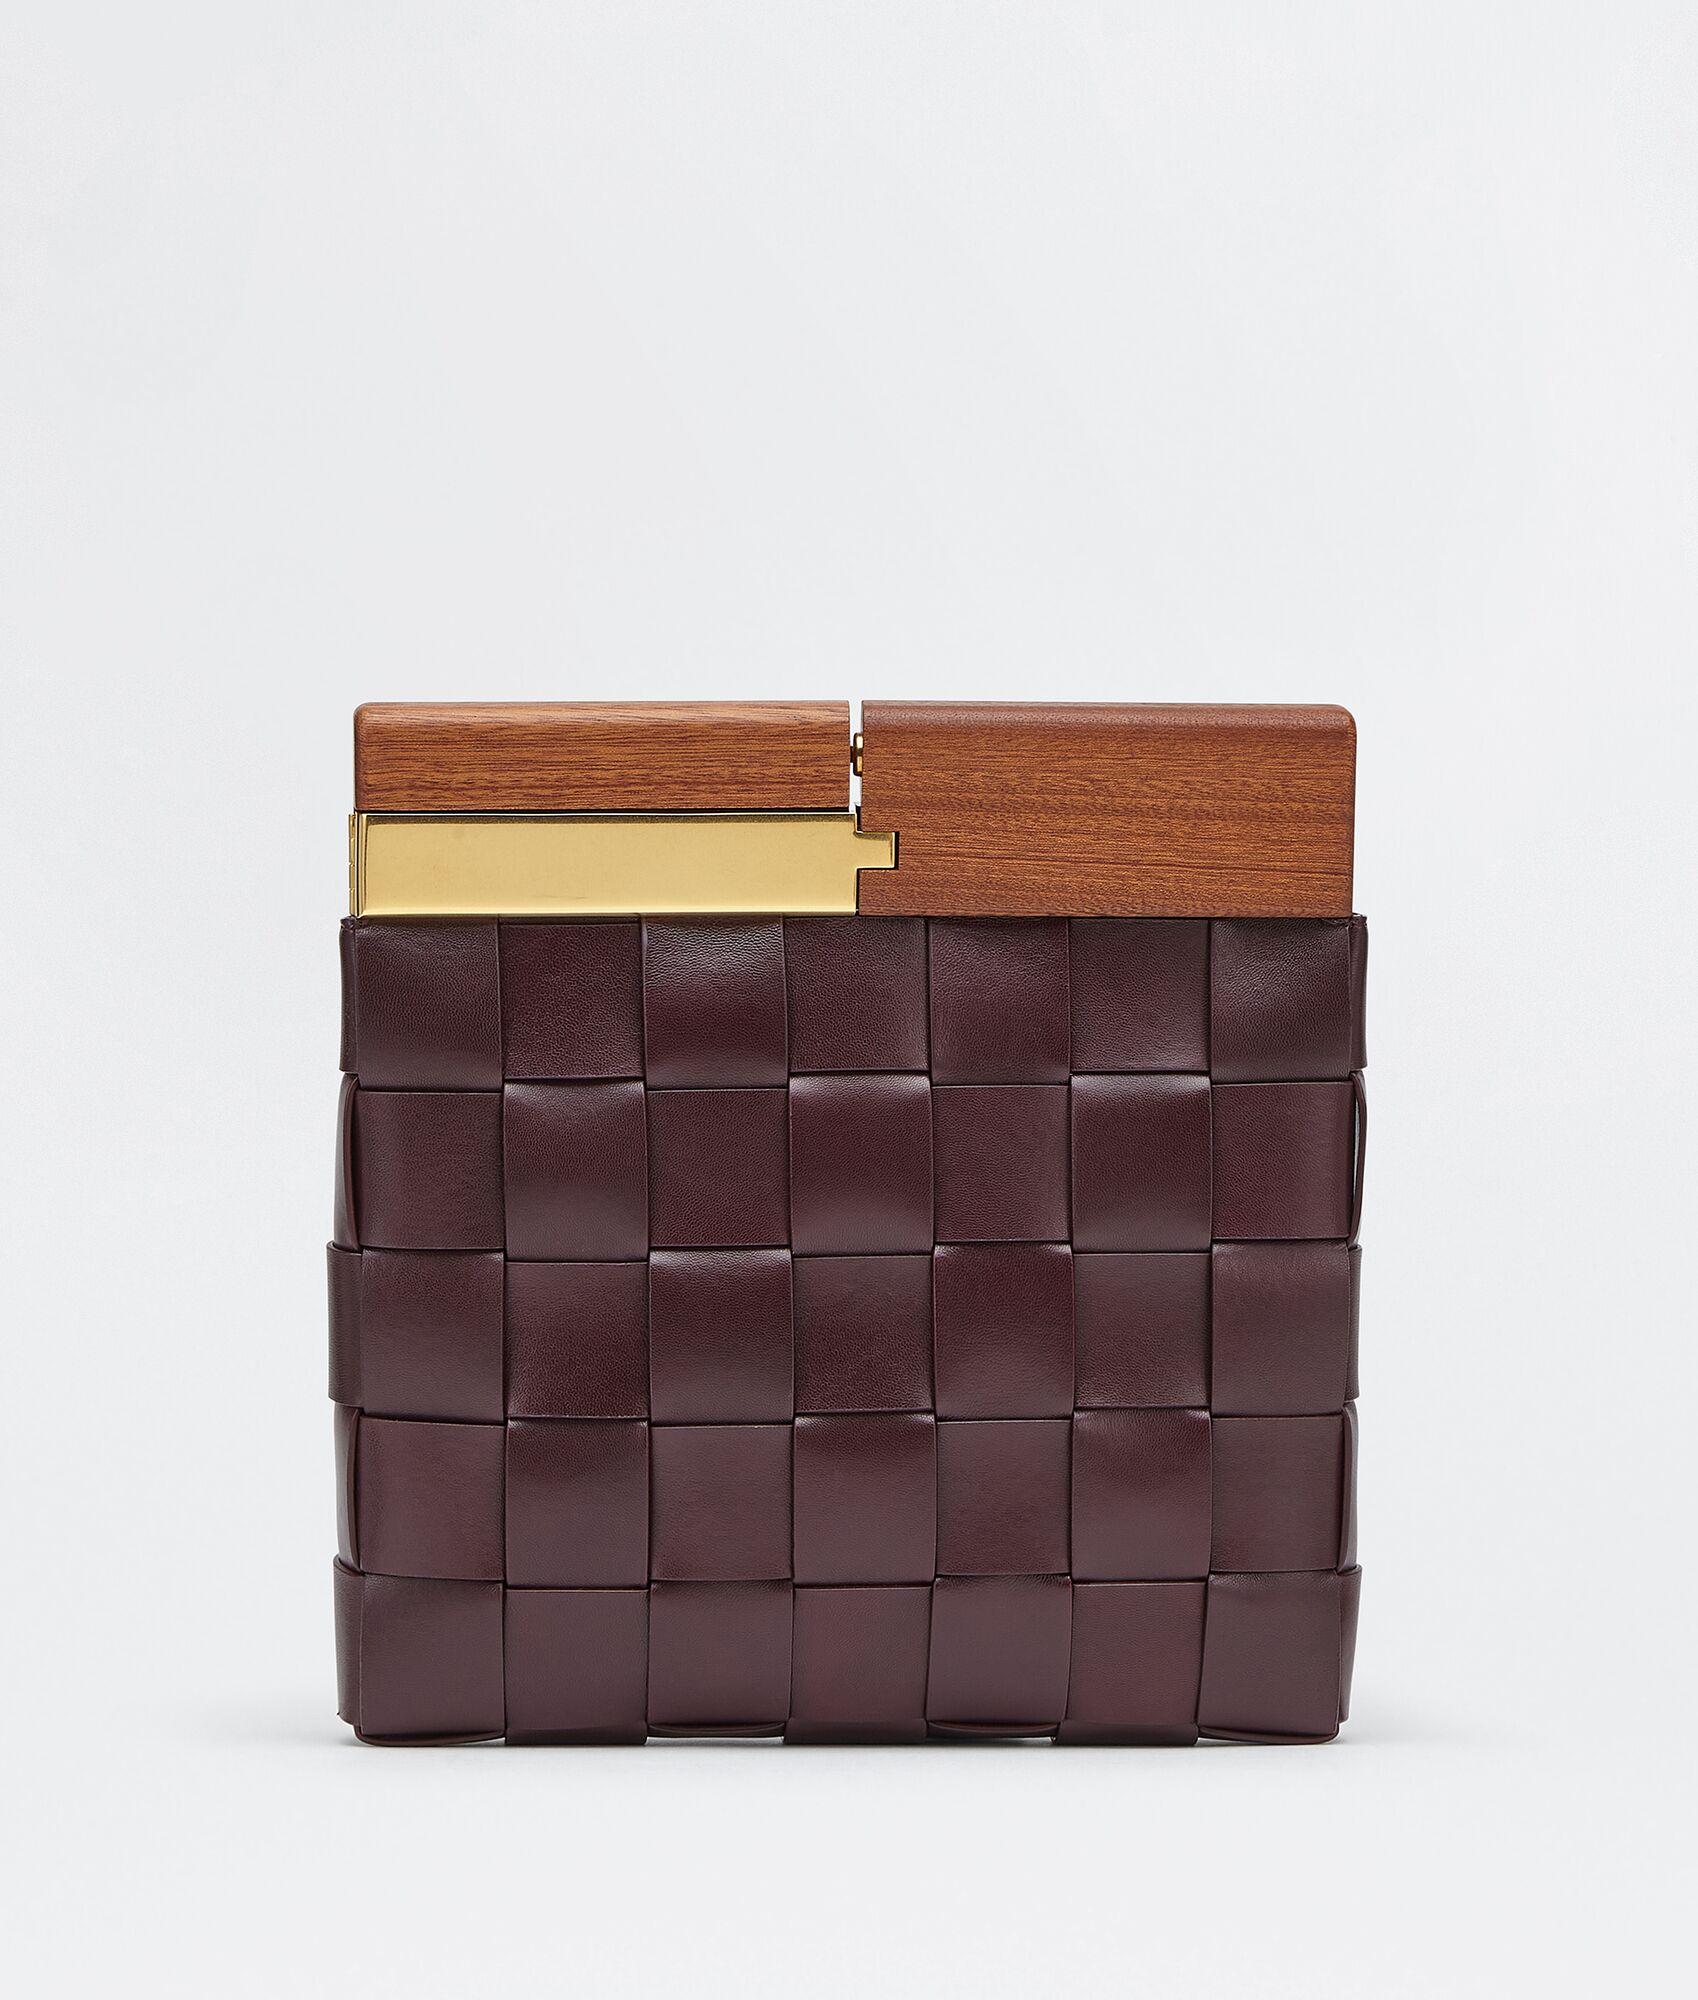 40代におすすめのボッテガヴェネタの財布